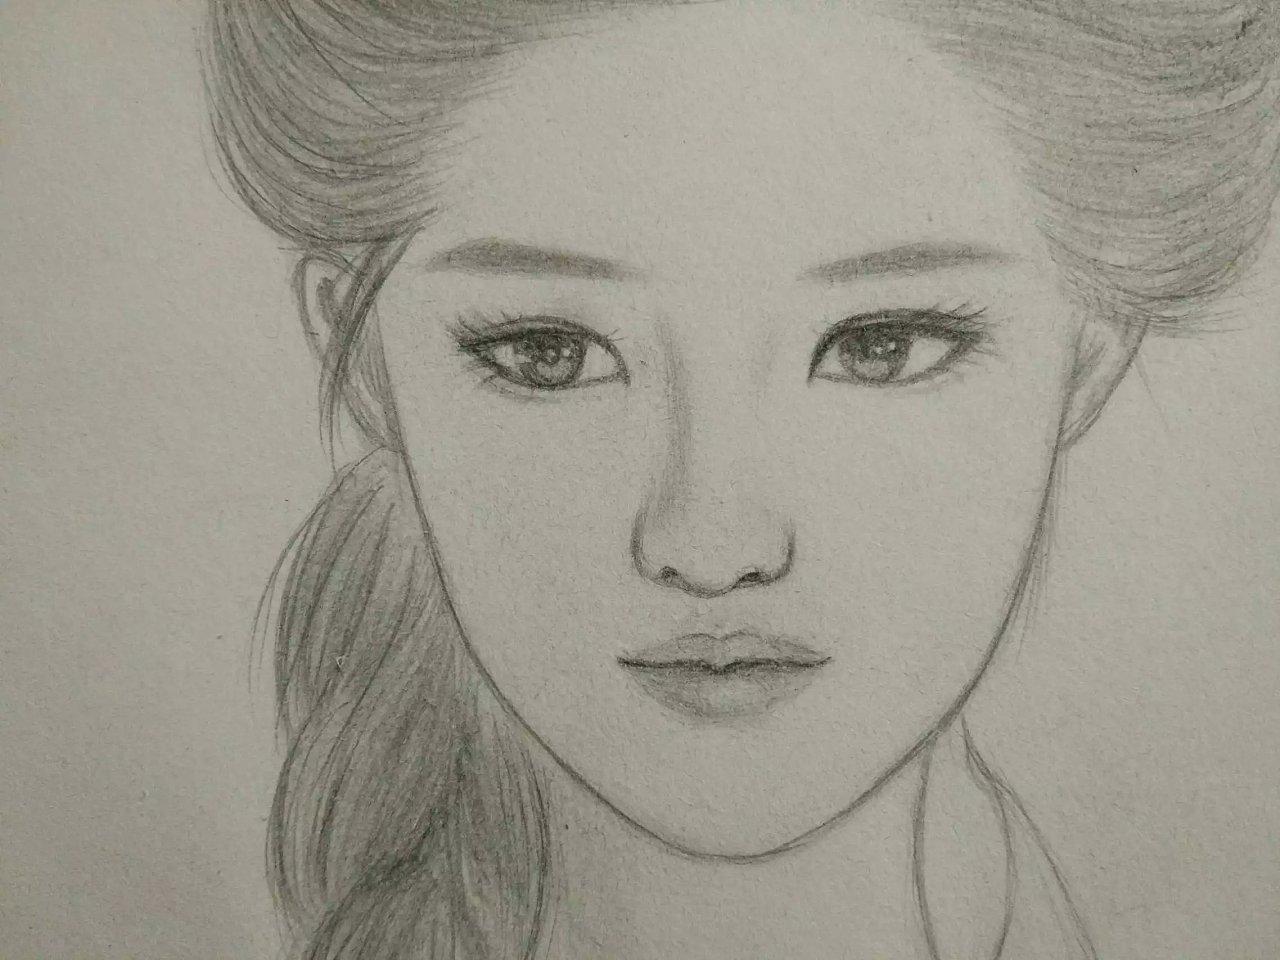 刘亦菲手绘素描